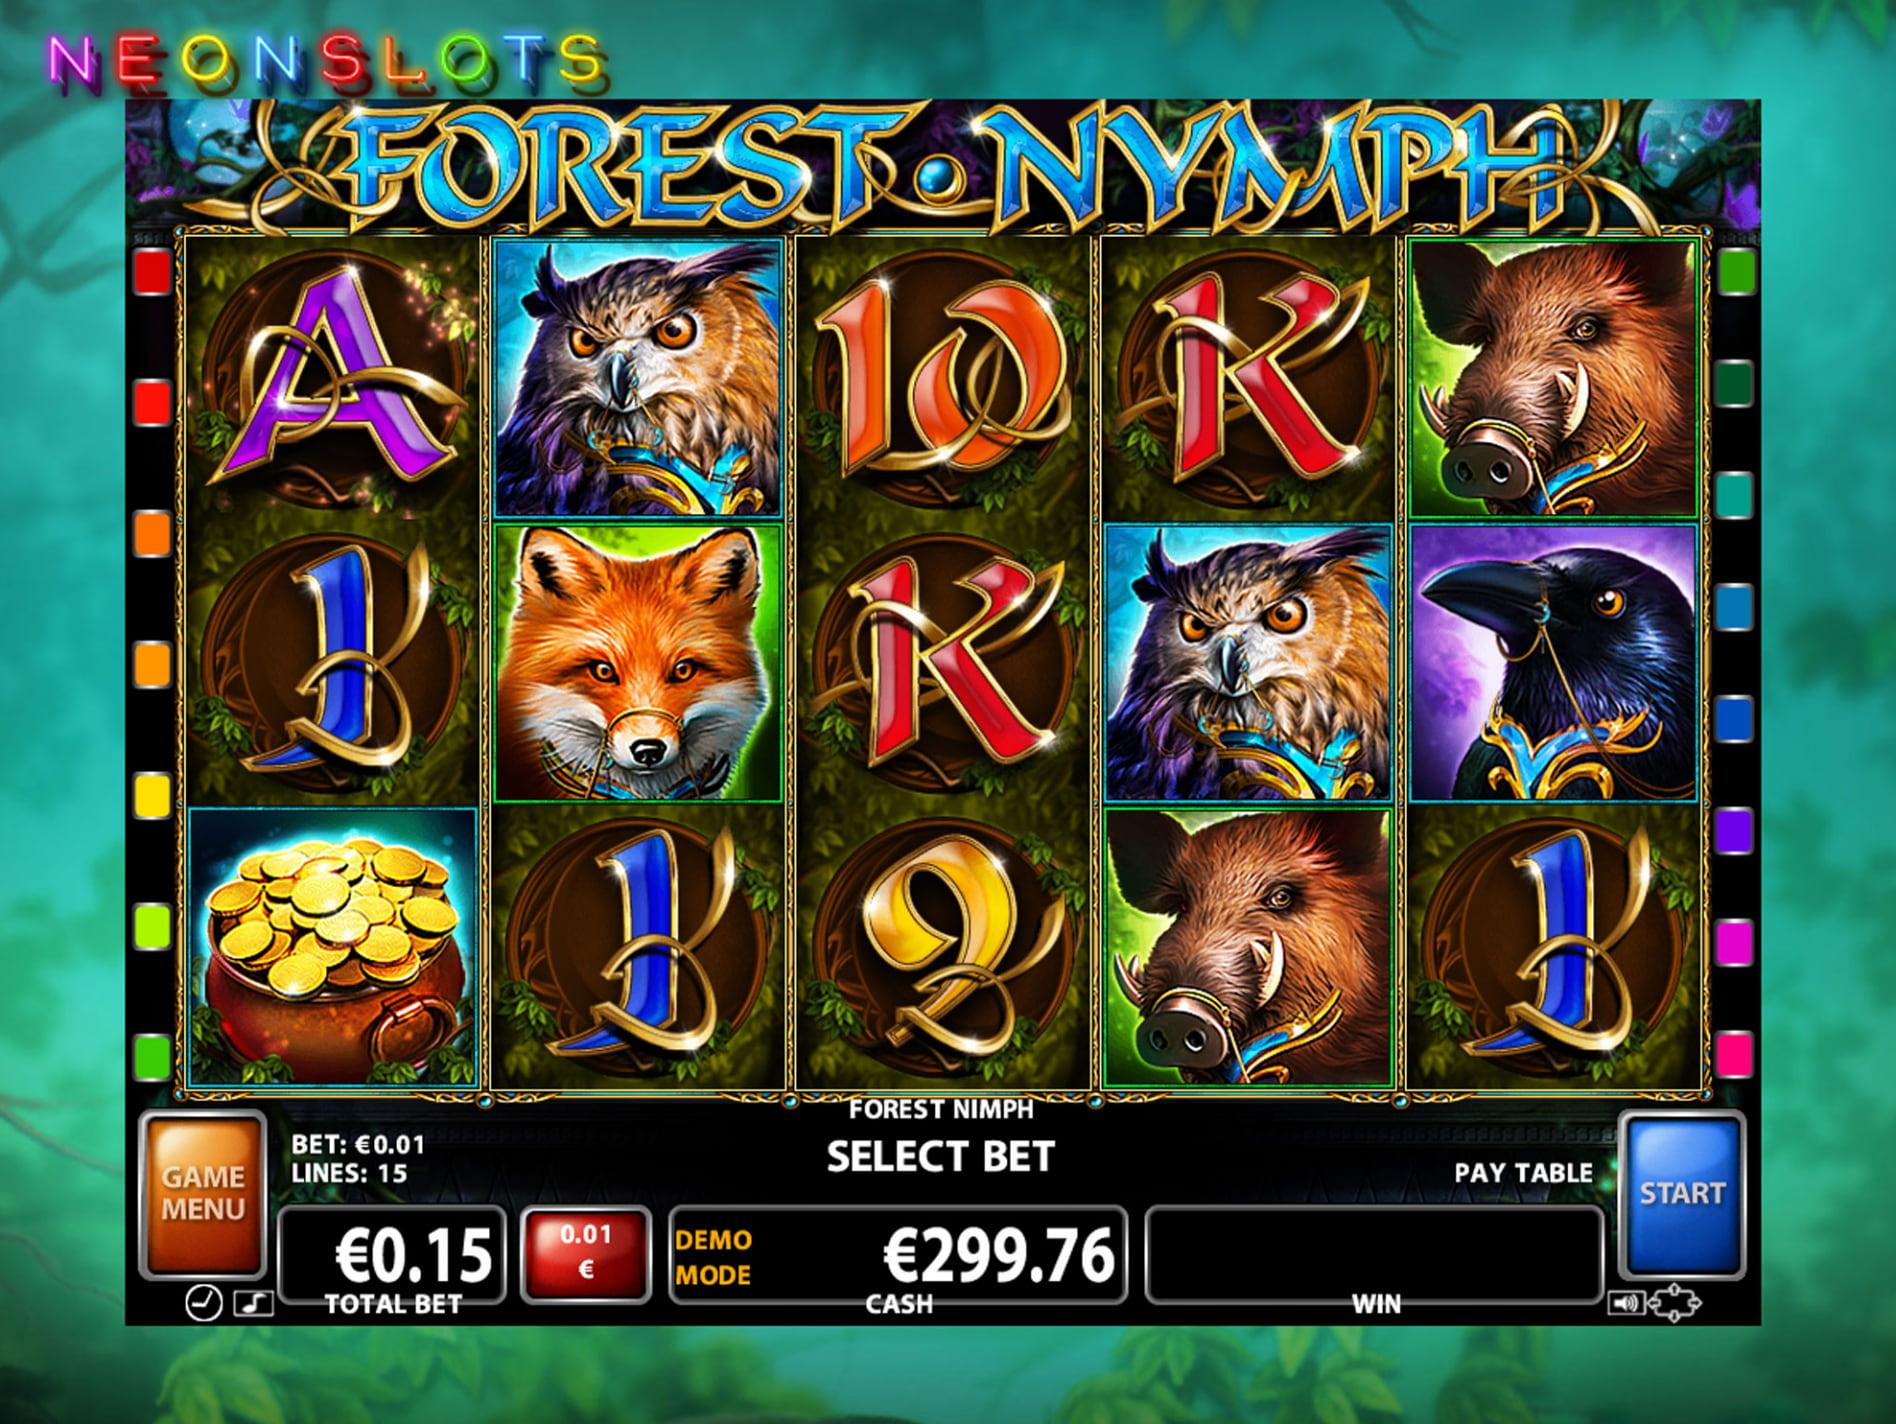 Lista de casinos on line historia Juego online-968402